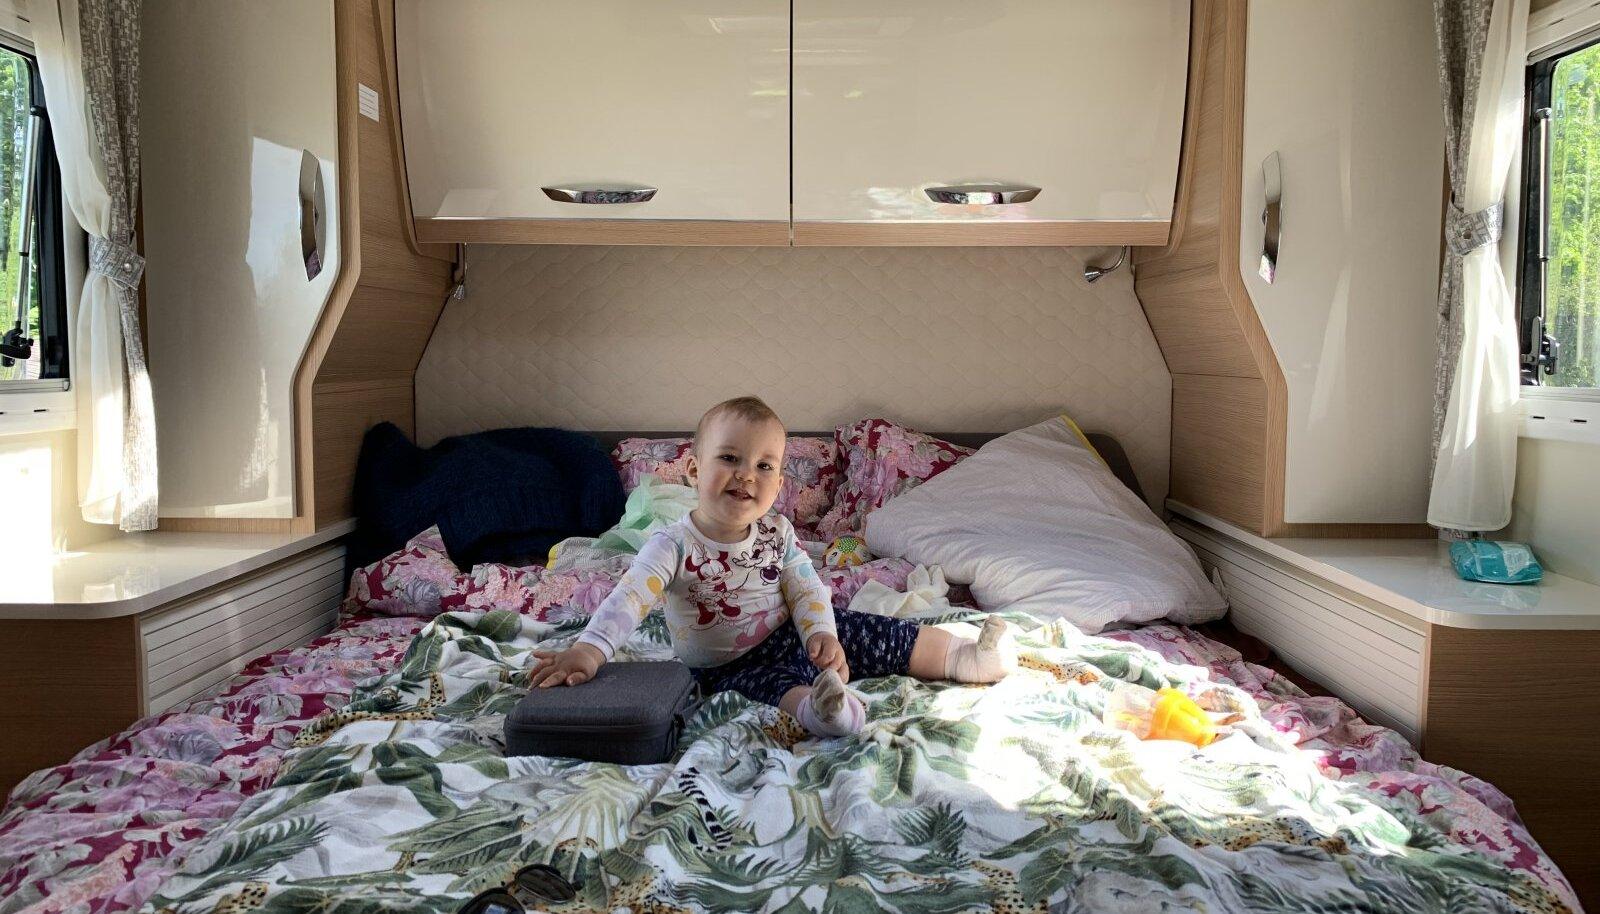 Üheks võimaluseks sellel suvel seigelda on rentida või osta kogu peret rõõmustav matkaauto.